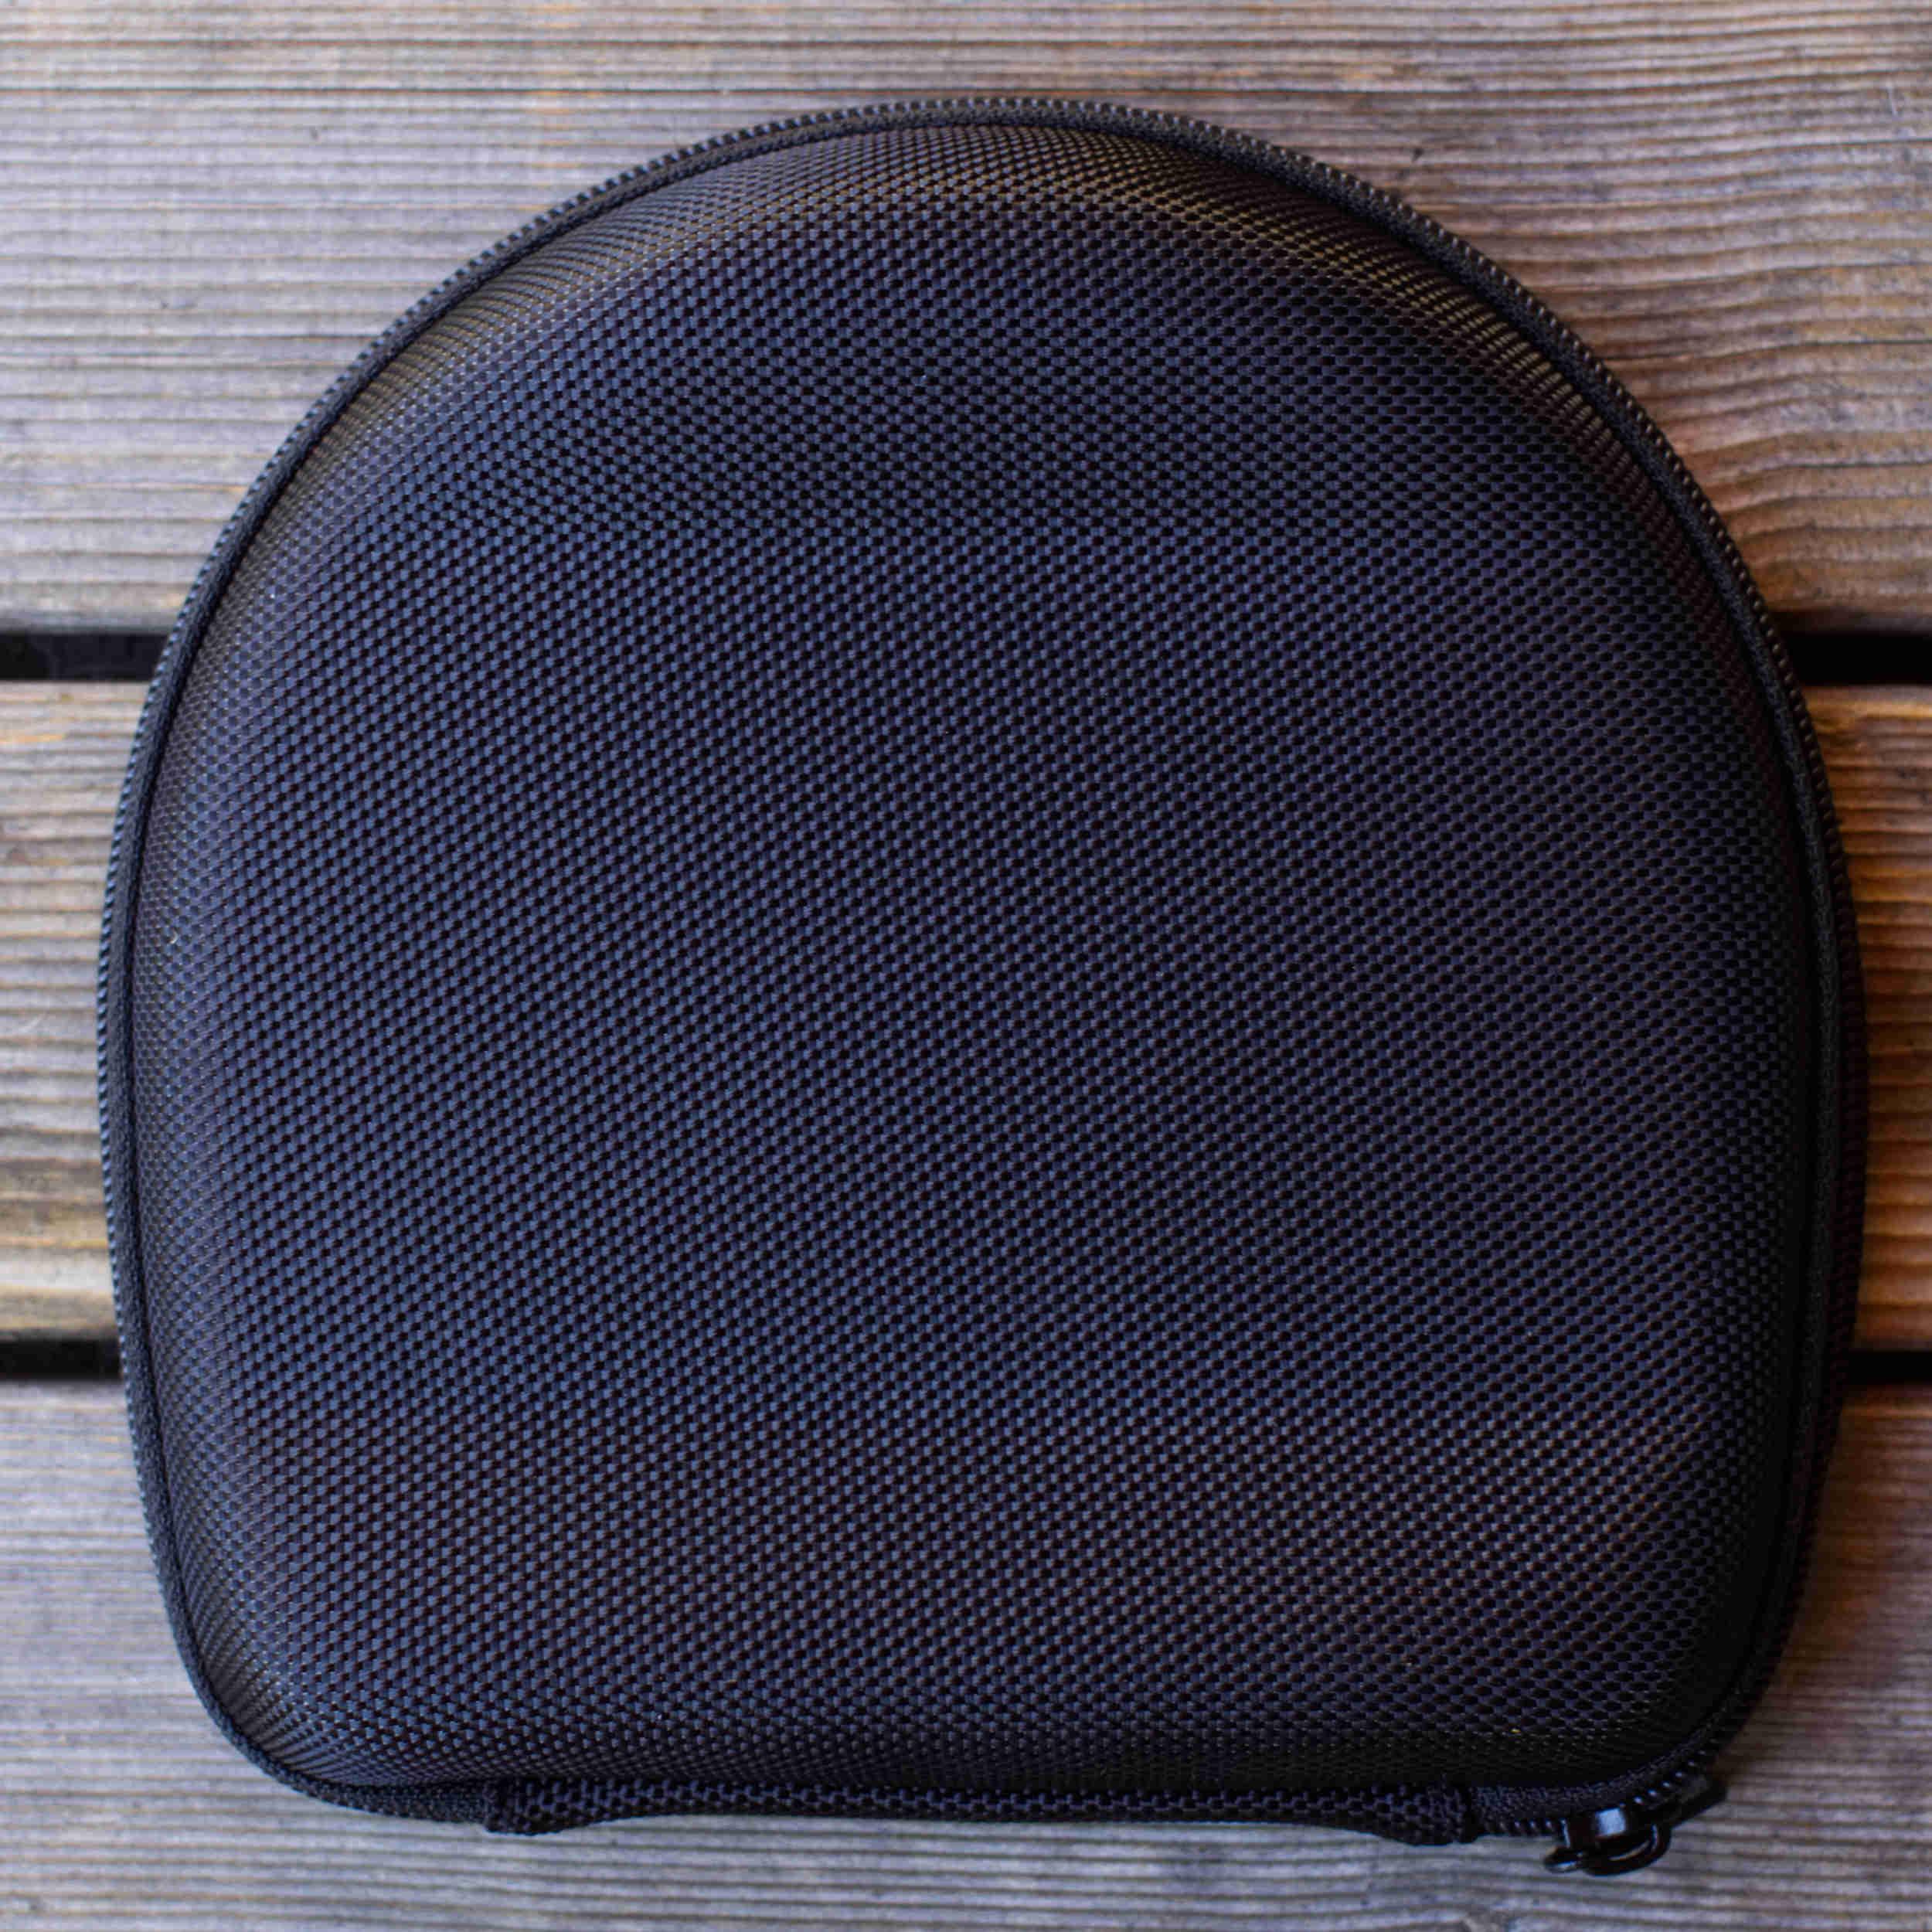 Nylon case for the filter holder